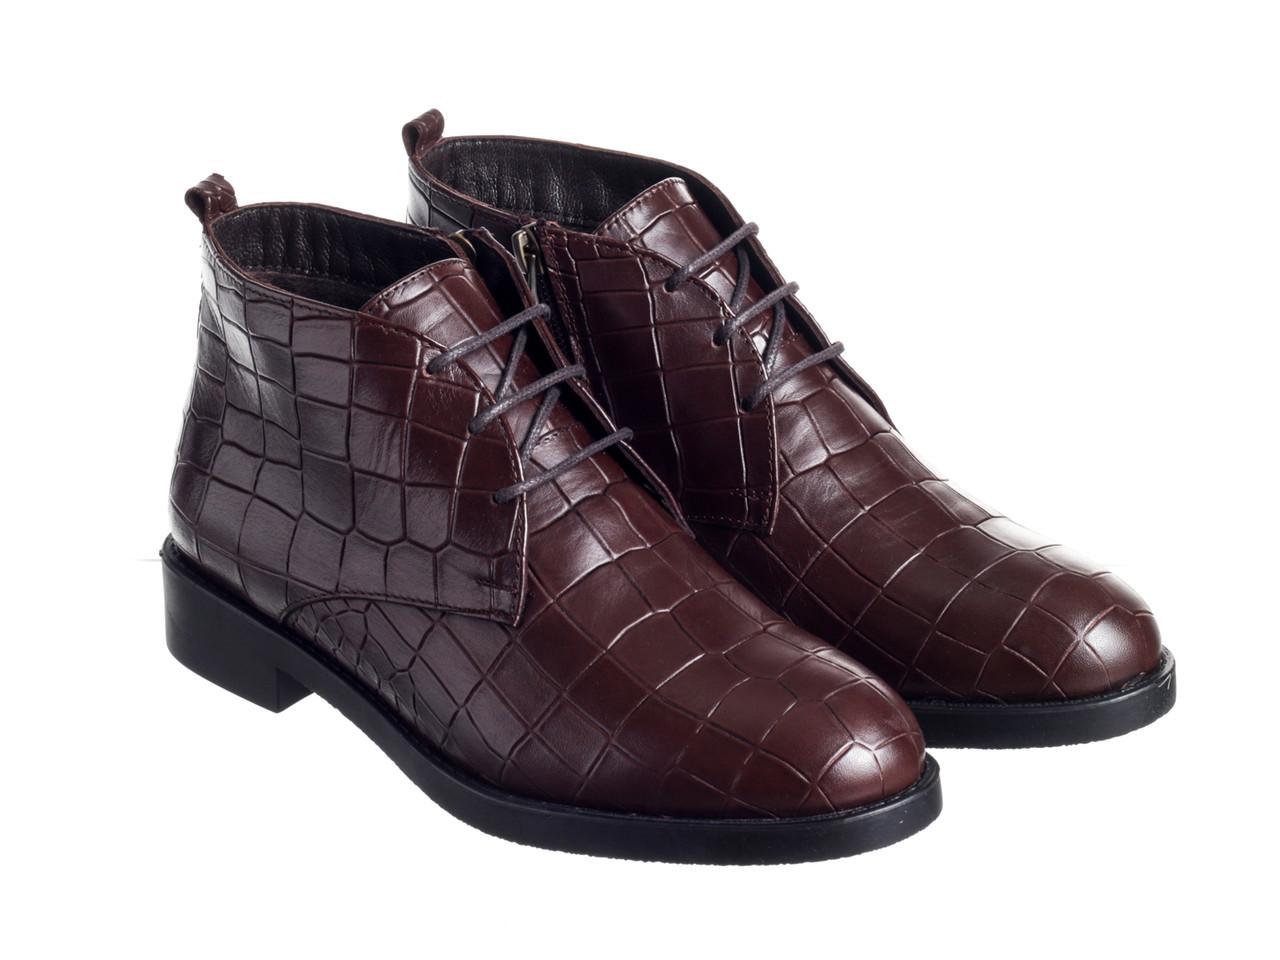 Ботинки Etor 7390-1061 коричневые